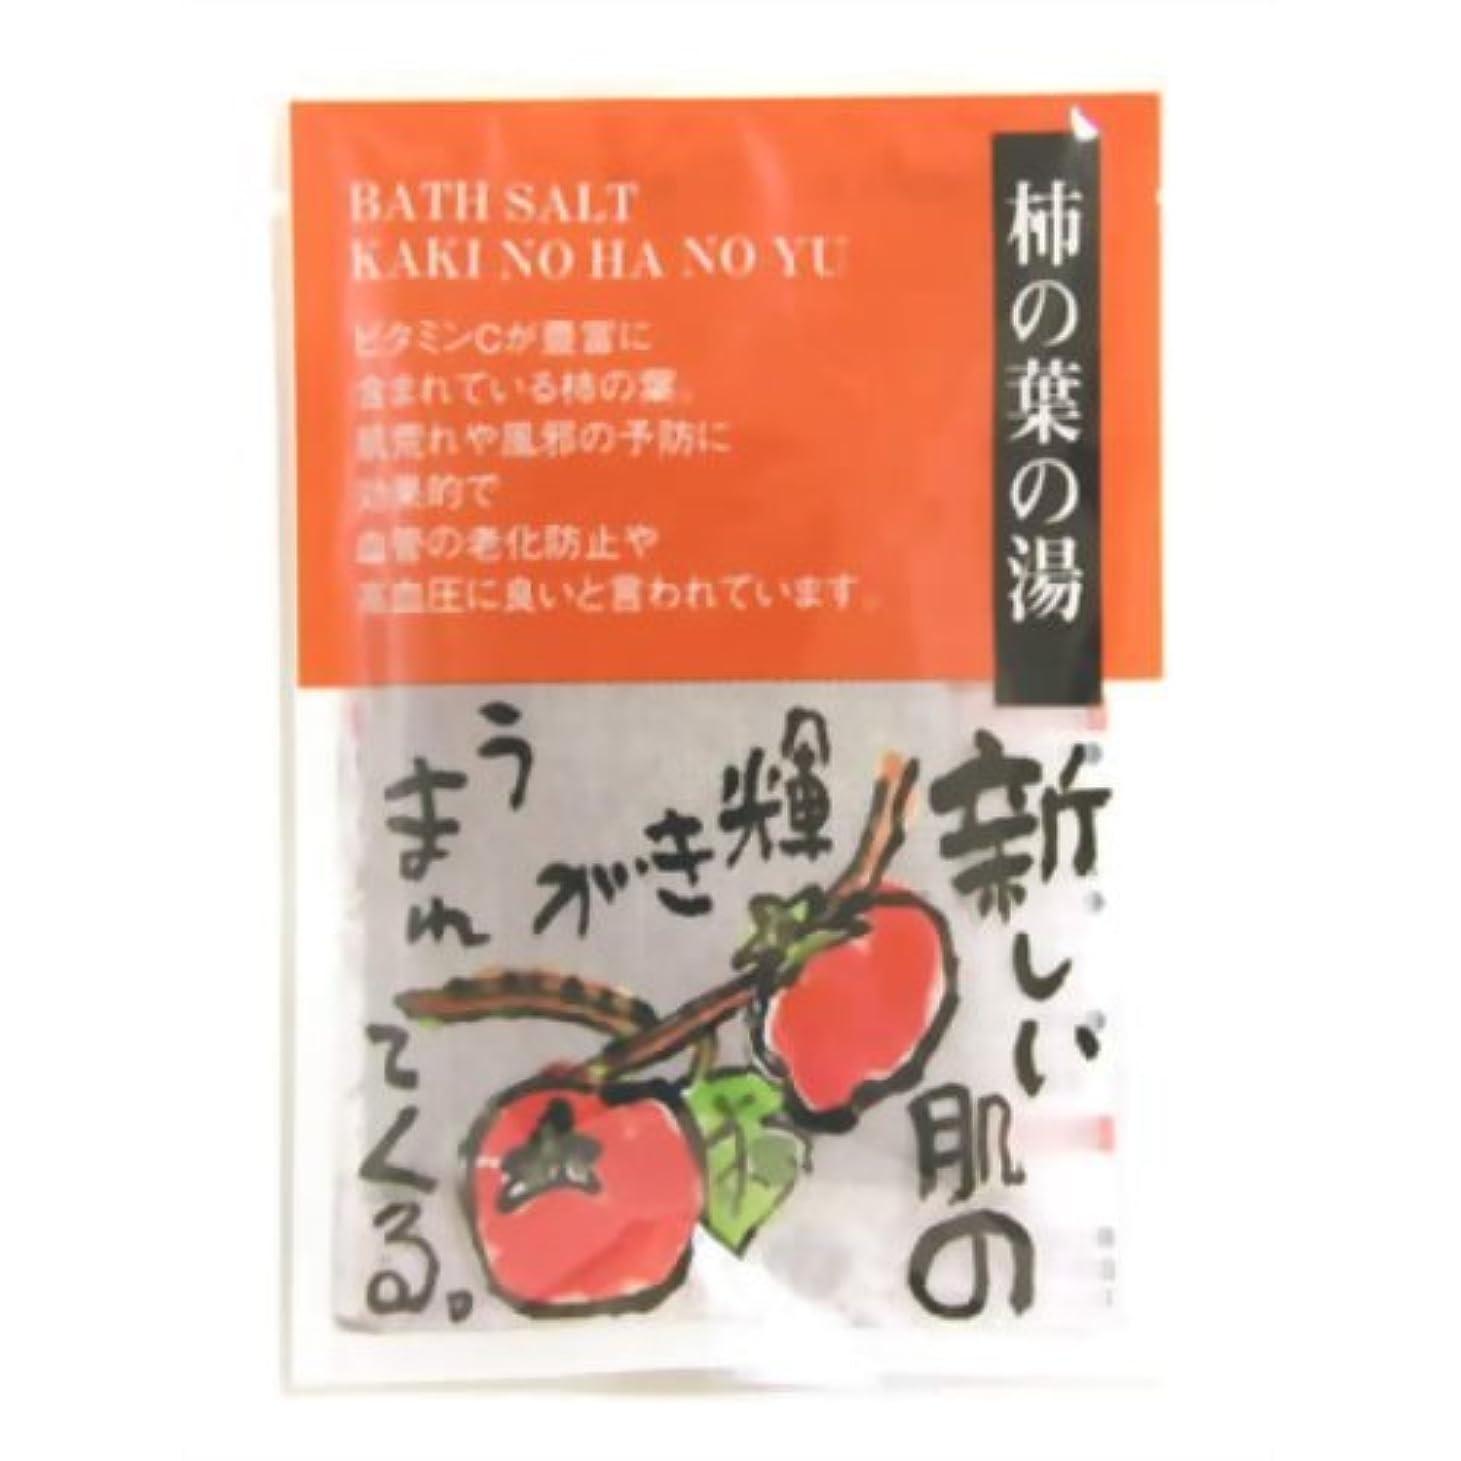 デザイナーチャペル緊急和漢の湯 やすらぎ便り 柿の葉の湯(ティーバッグタイプ)(入浴剤 ハーブ)